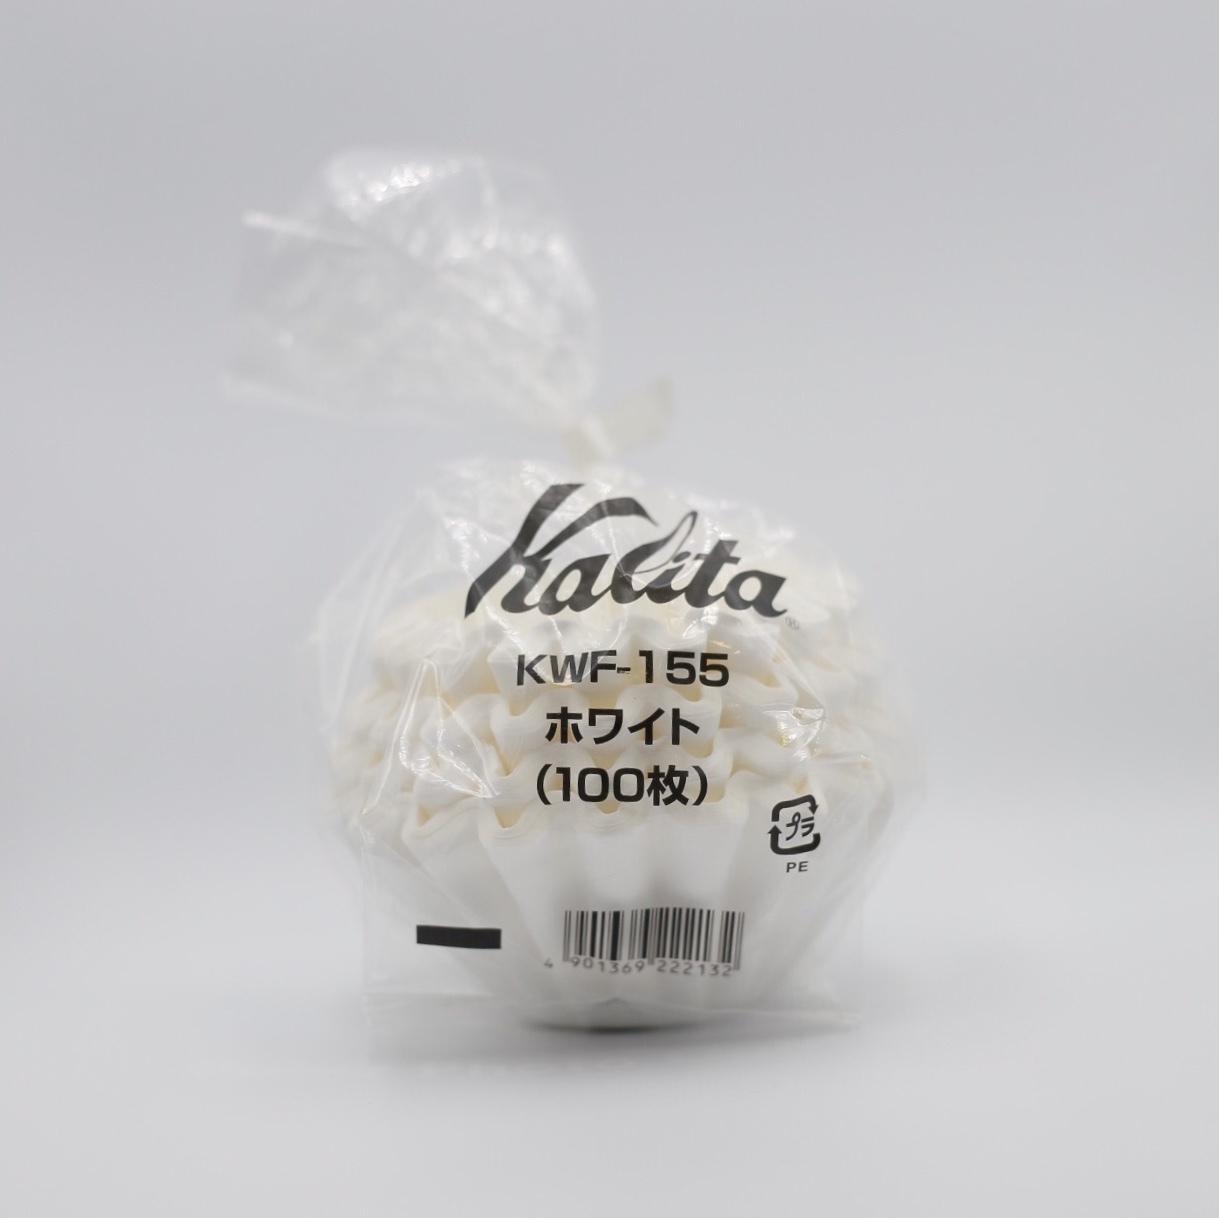 カリタ コーヒーフィルター ウェーブシリーズ 1~2人用 100枚入り ホワイト KWF-155